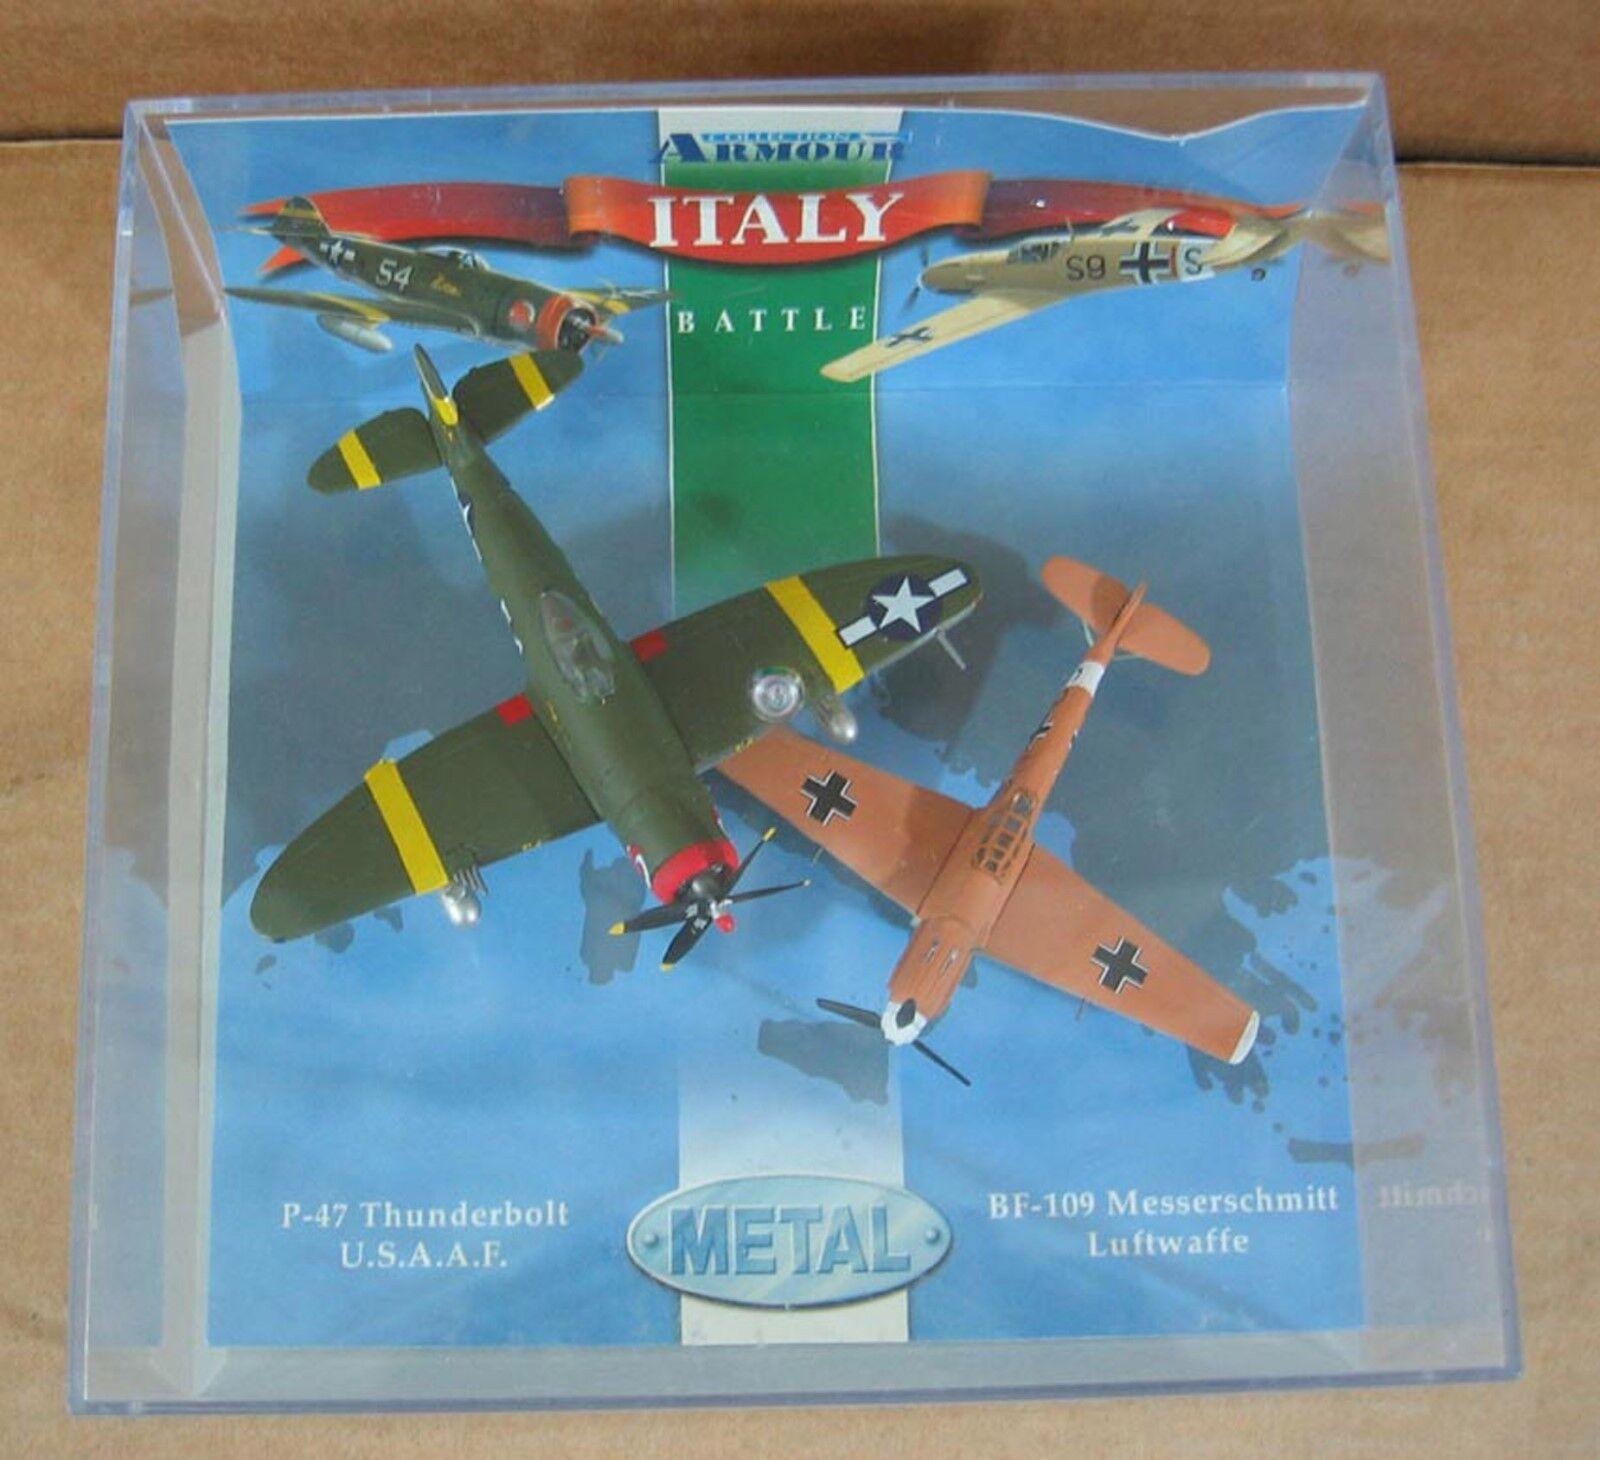 Italien kampf bf-109 messerschmitt luftwaffe & p-47 blitz u.s.a.a.f 1  100